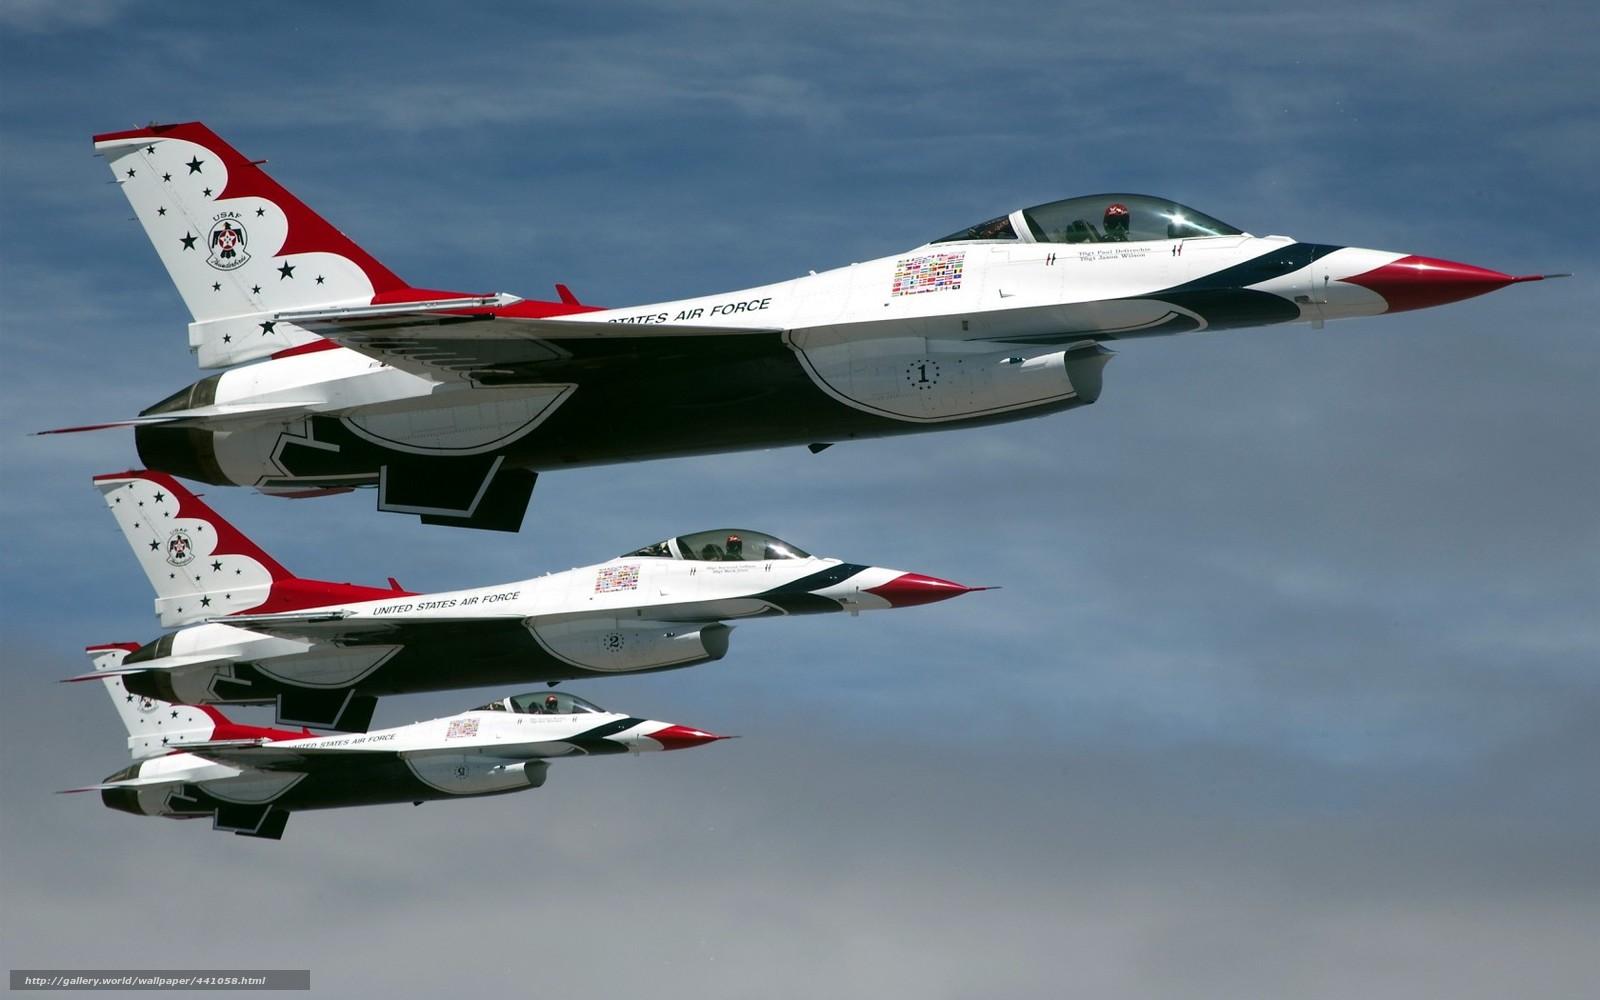 Скачать обои самолёты,  оружие бесплатно для рабочего стола в разрешении 1680x1050 — картинка №441058